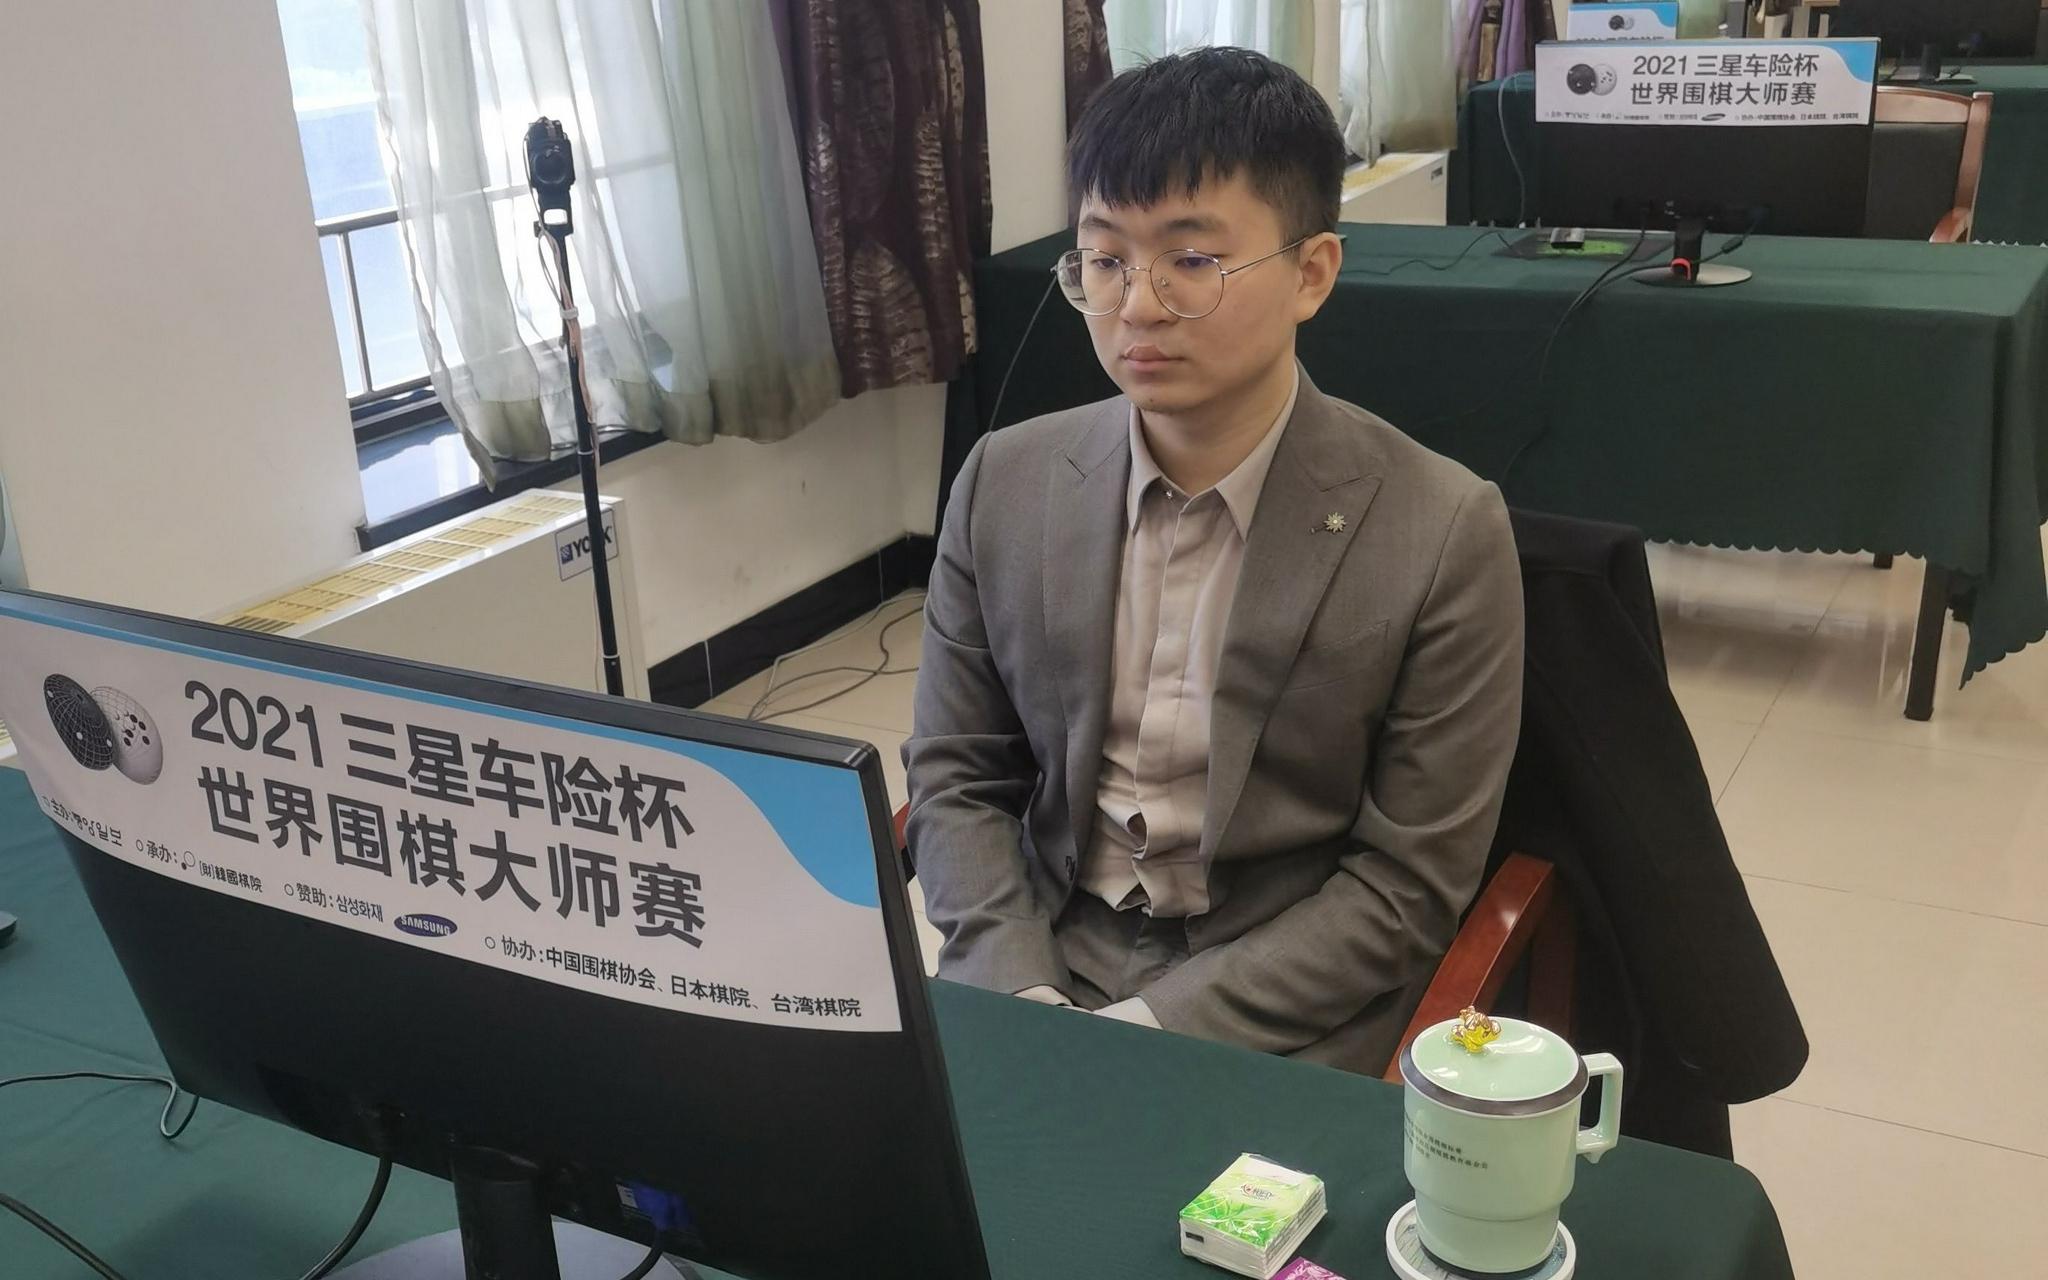 杨鼎新的对局被迫推迟。图/中国围棋协会